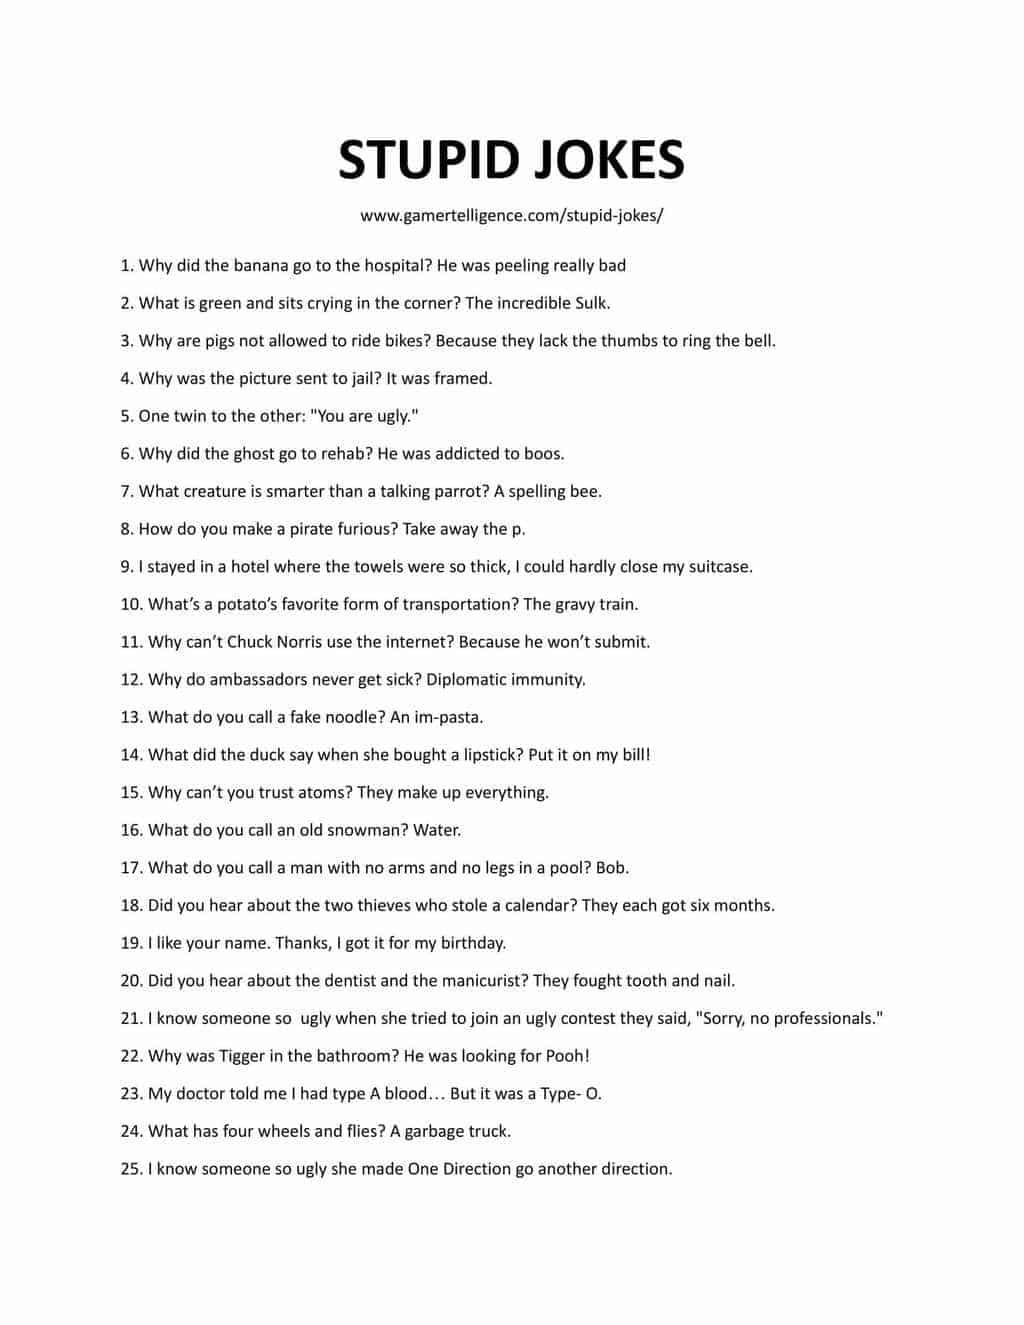 Downloadable and Printable List of Stupid Jokes